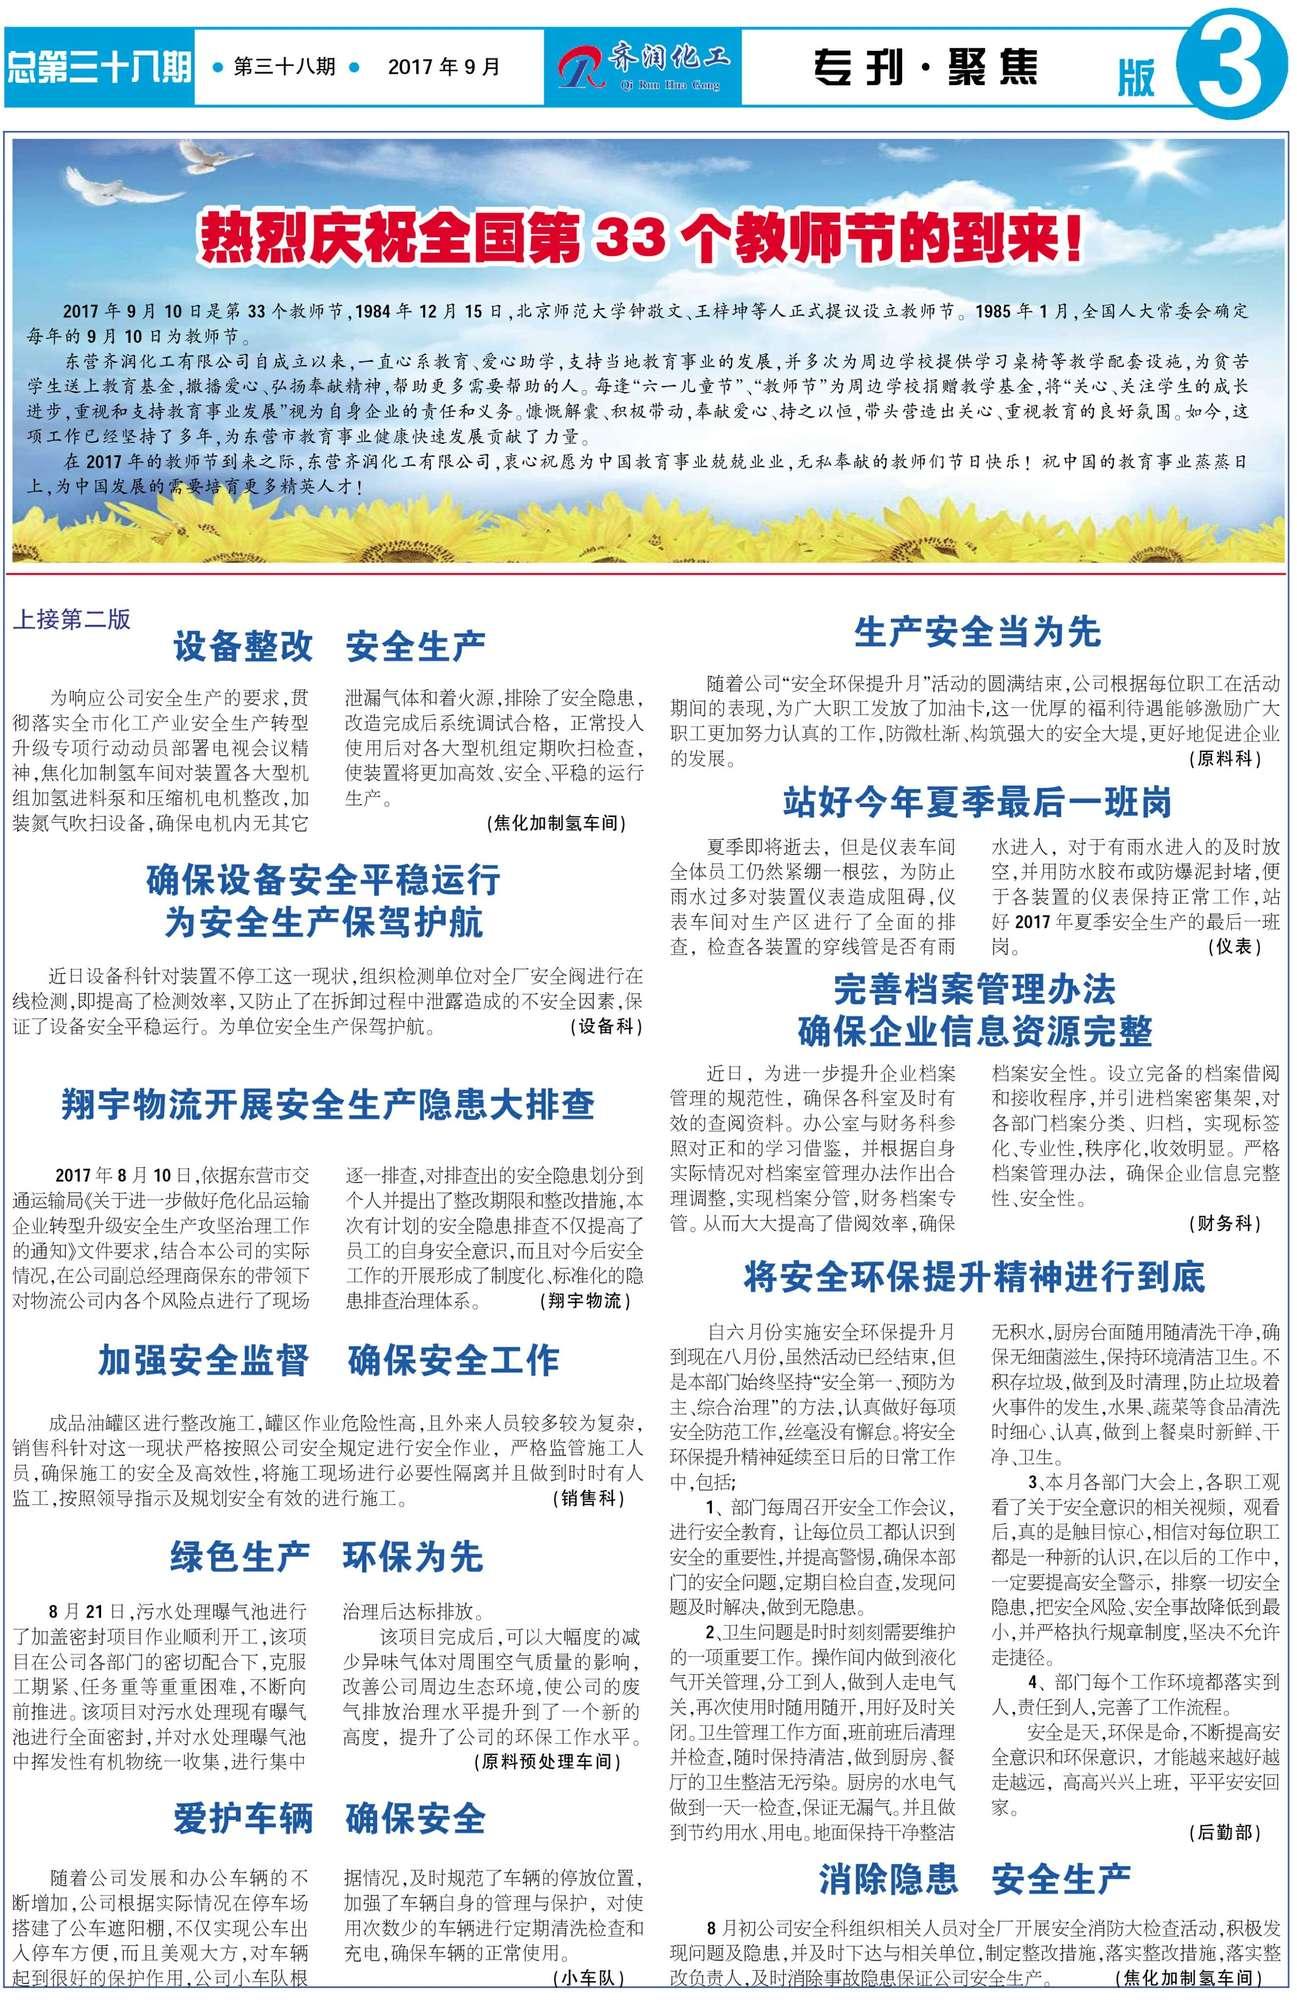 亚博体育官方登陆报第38期-3~1.jpg